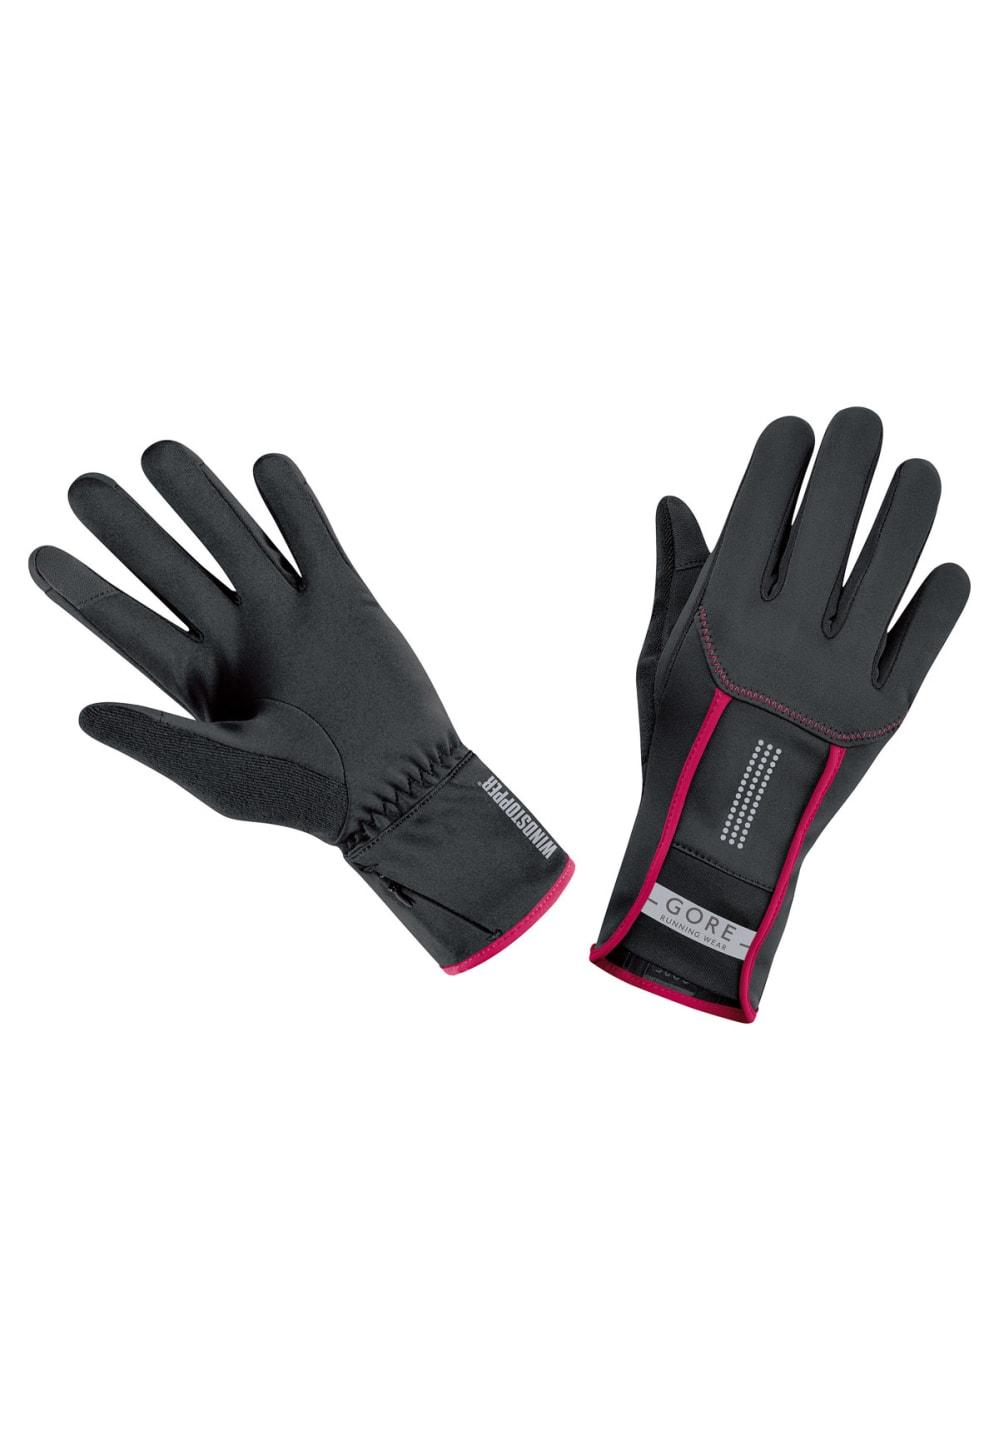 Gore Running Wear Air WS Handschuhe Laufhandschuhe Damen 5, Gr. 5